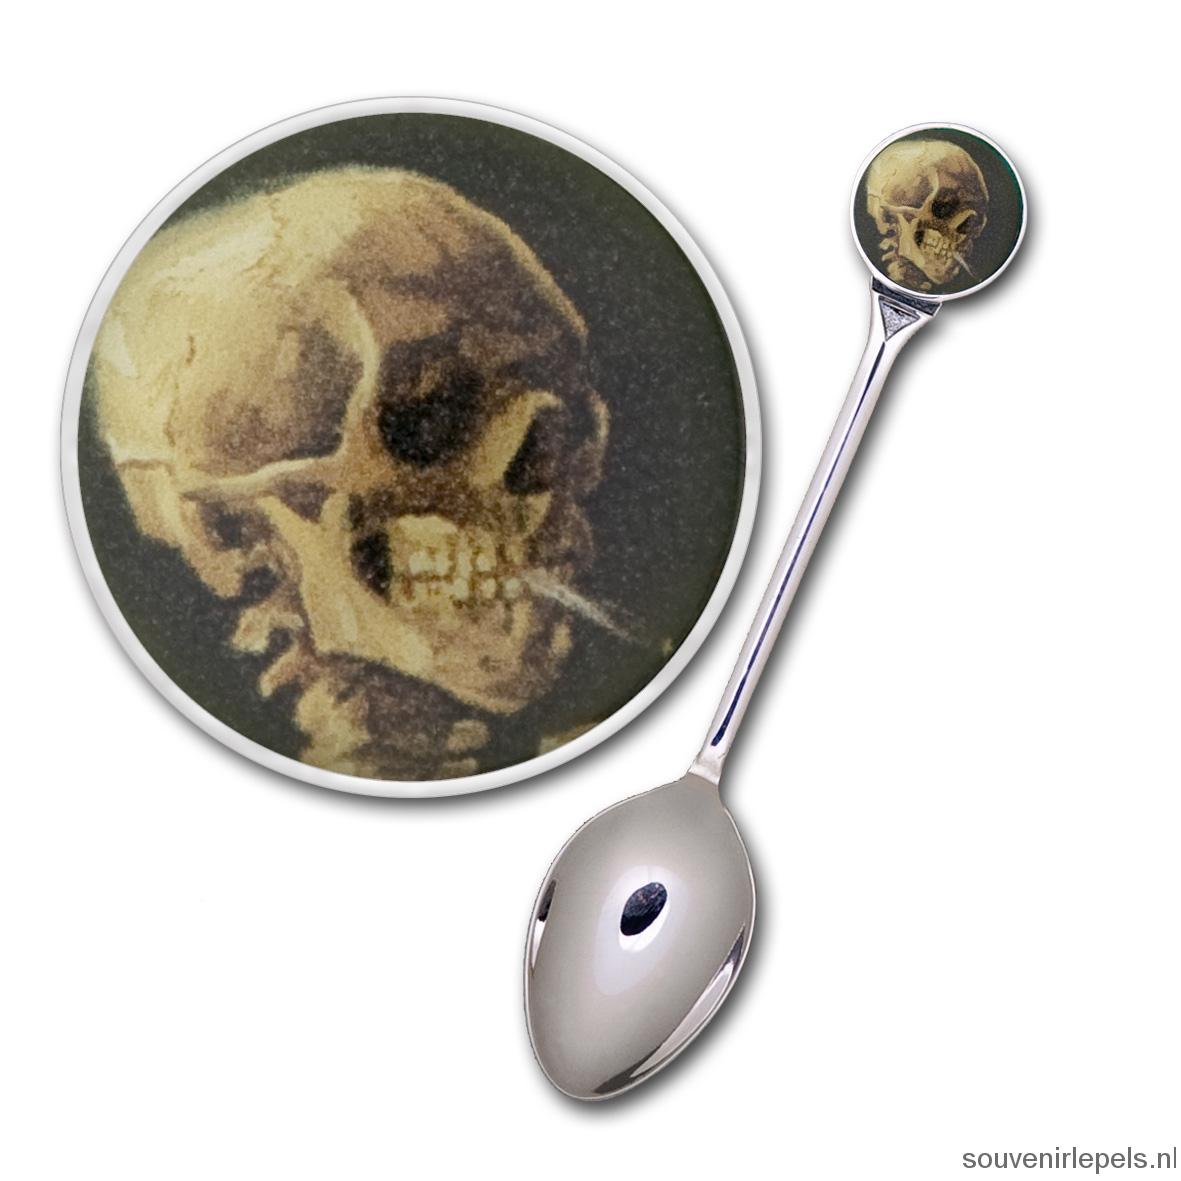 Lepel Vincent van Gogh - Skull of a skeleton with a burning cigarette